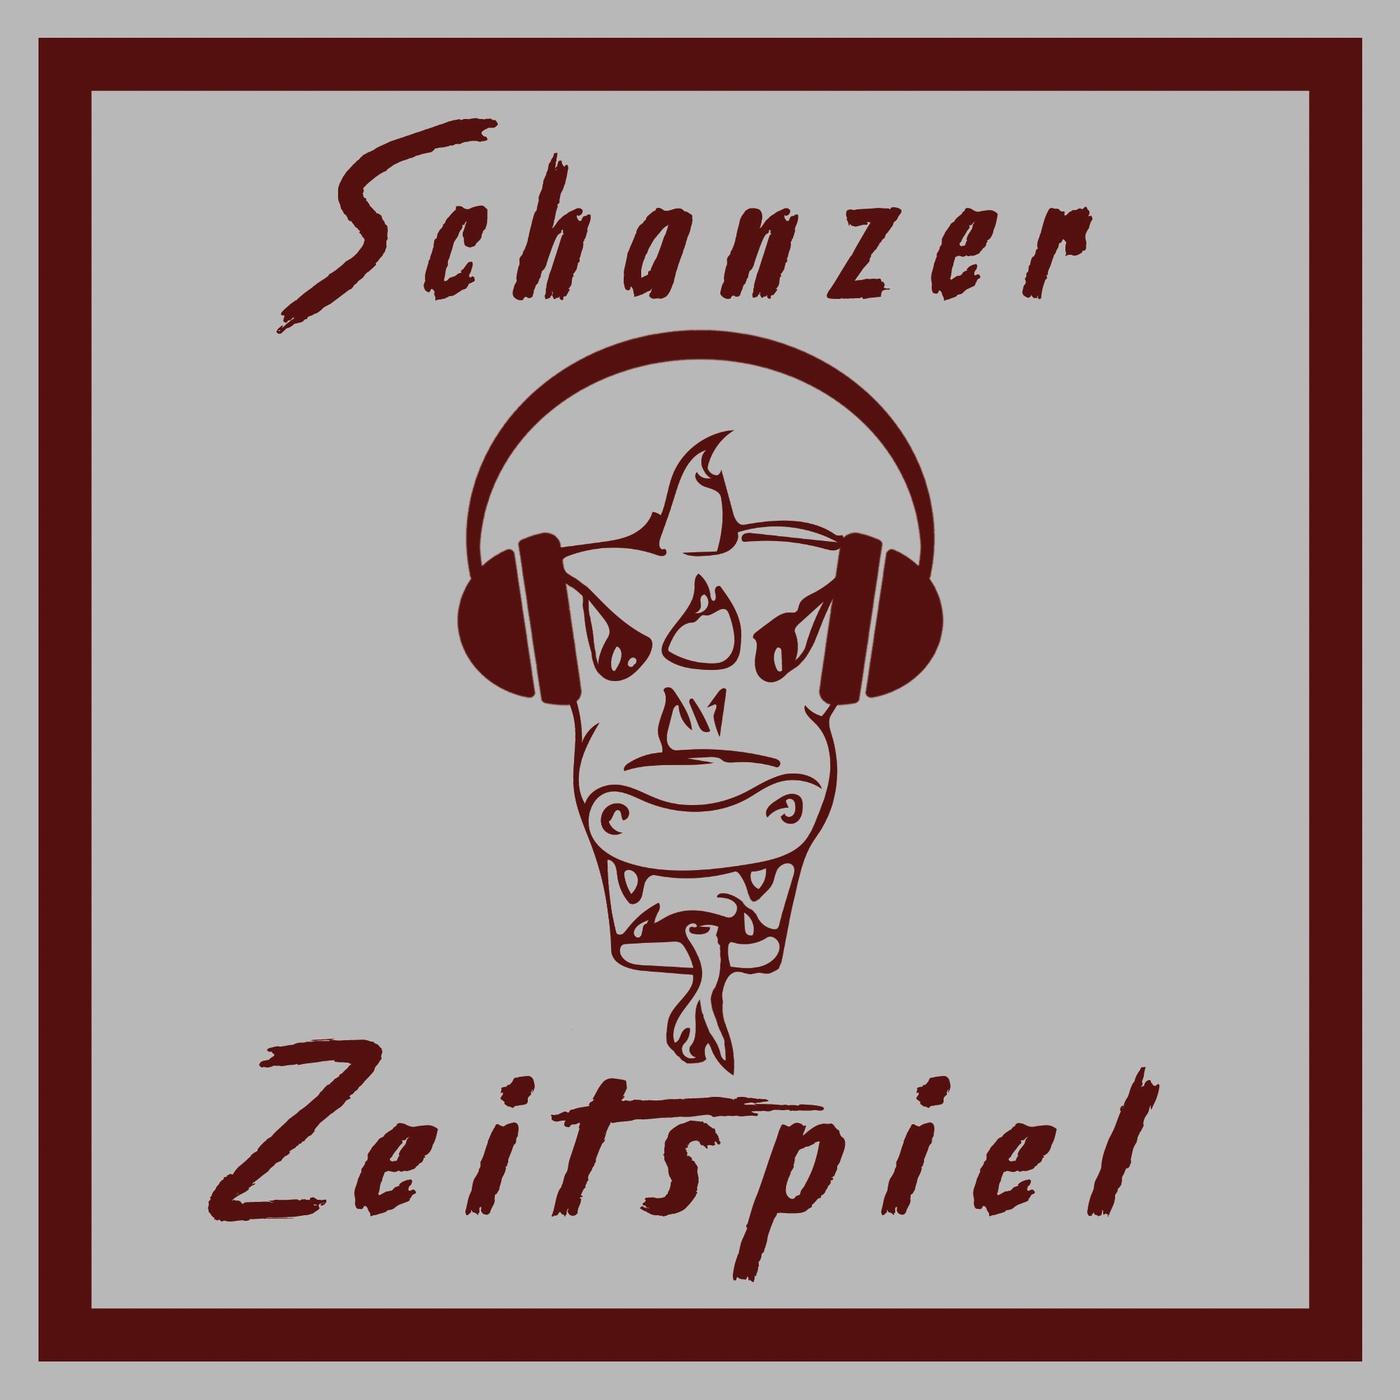 Schanzer Zeitspiel | Episode 28 | Vorsichtiges Abwägen, ob eine Stendera-Euphorie zulässig ist